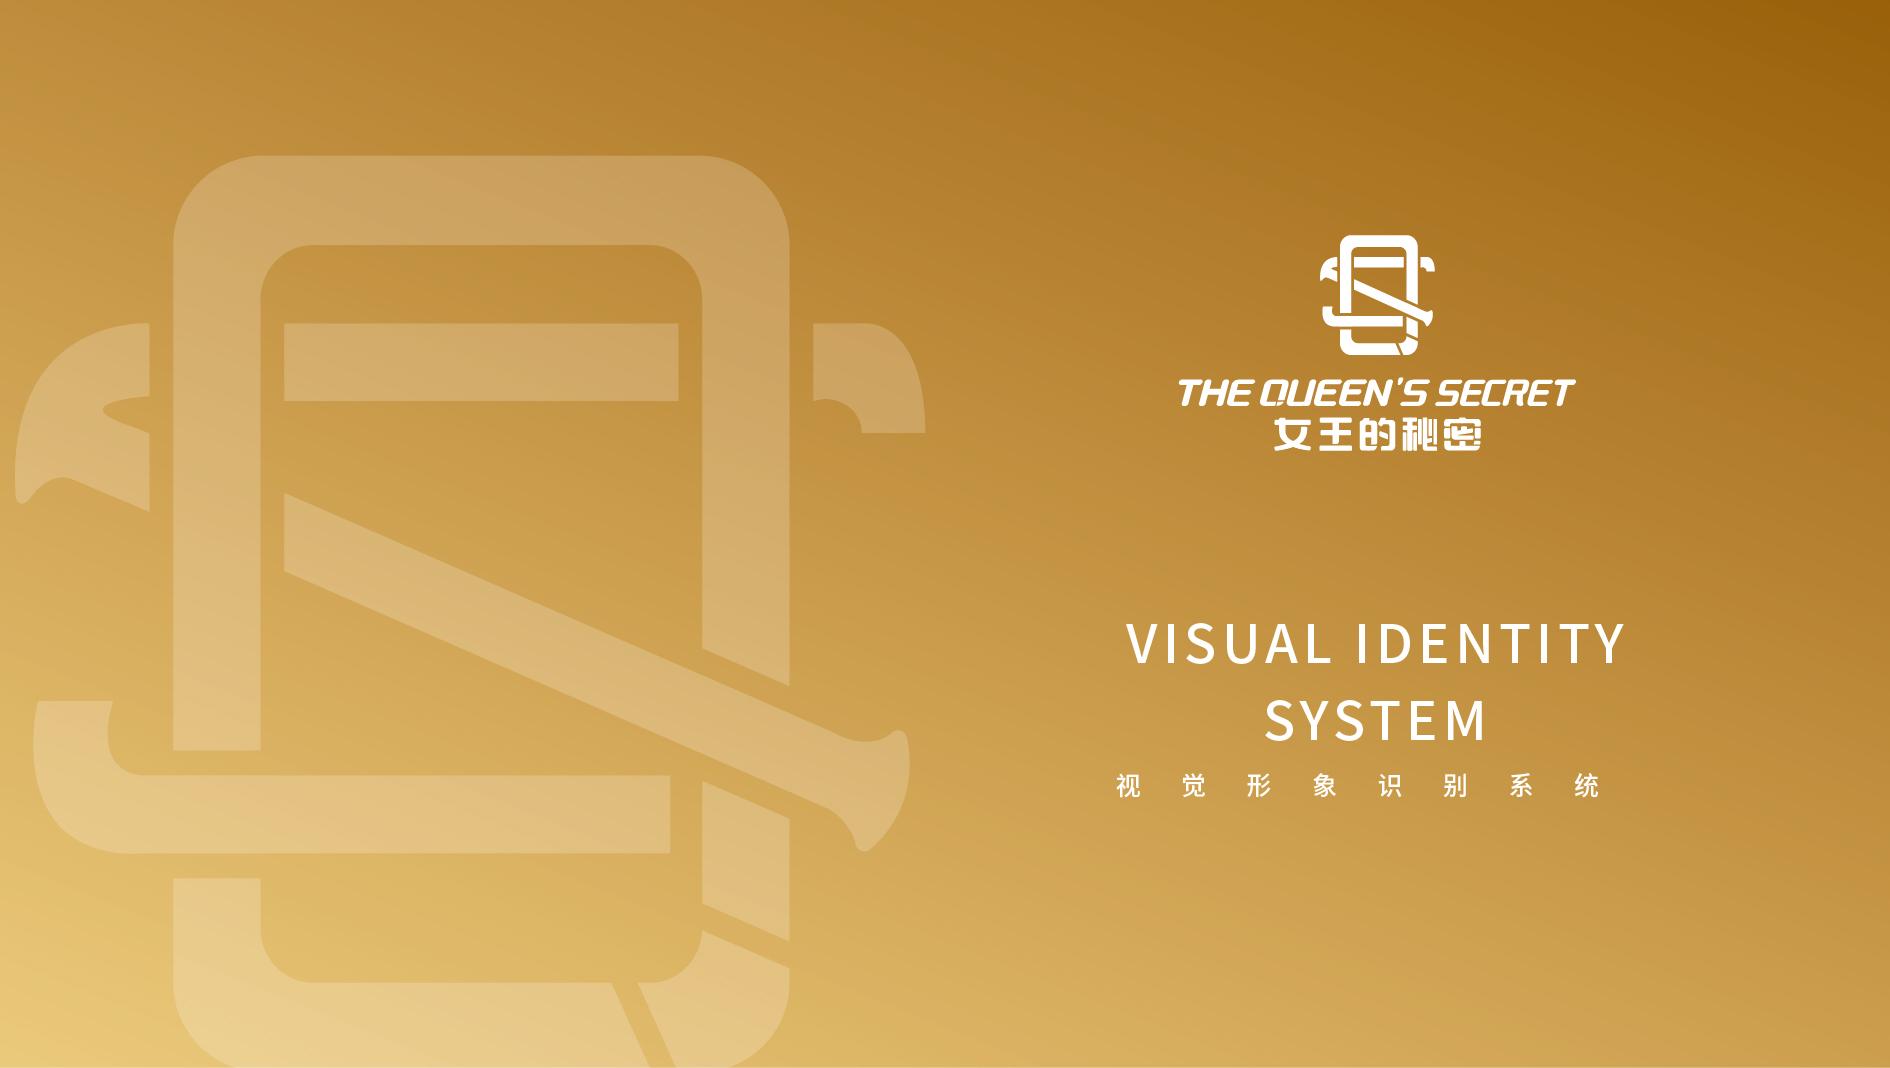 女王的秘密品牌VI设计